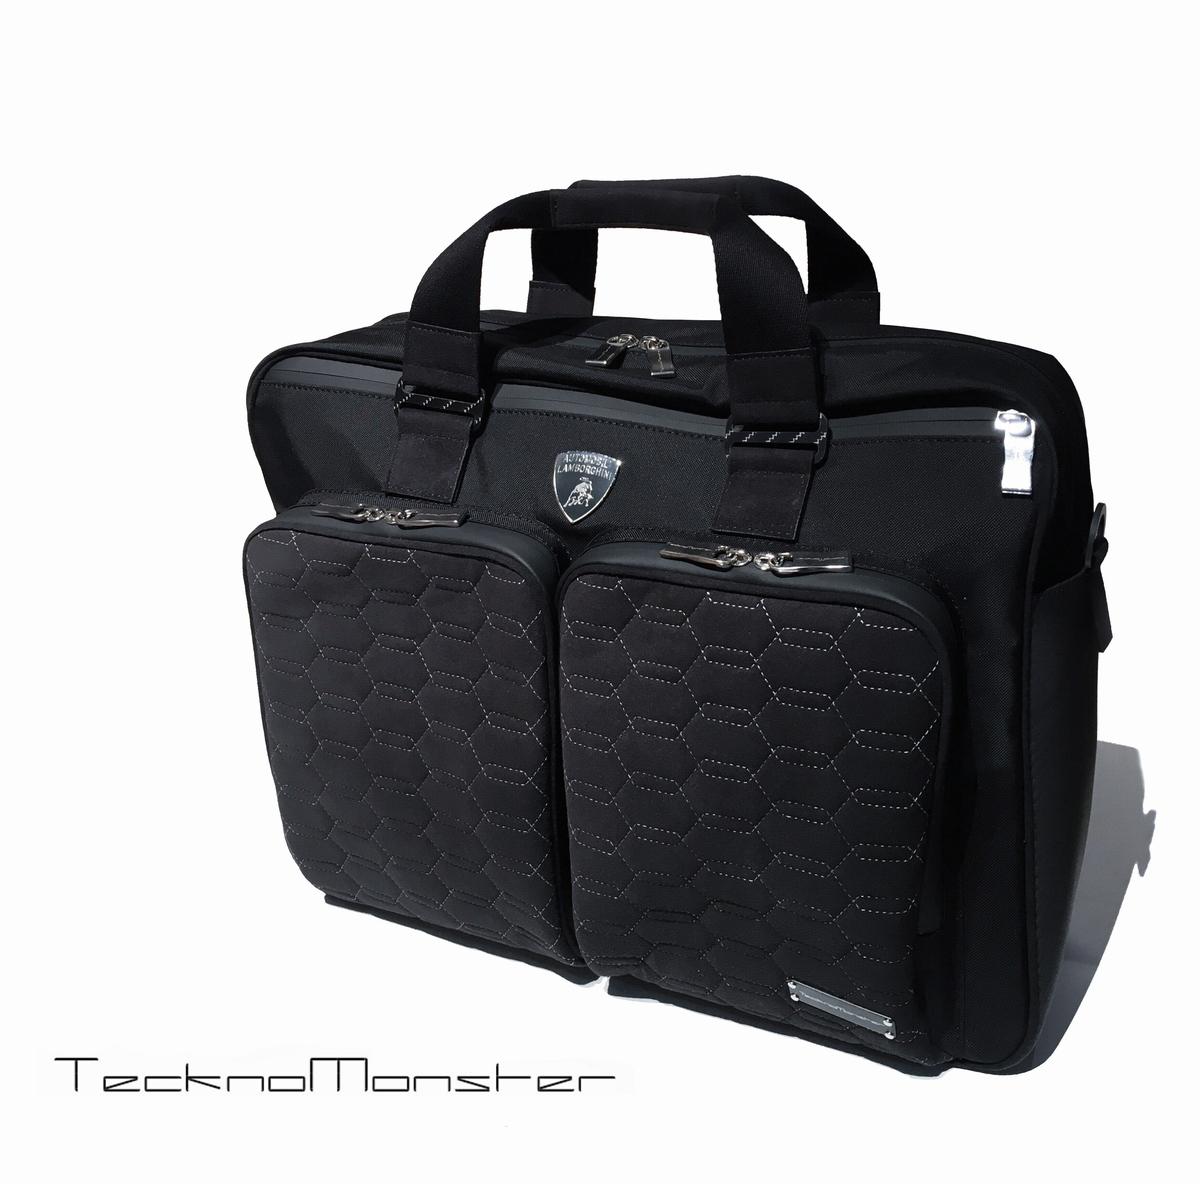 TecknoMonster (テクノモンスター)ブリーフケース ランボルギーニ Lamborghini コラボモデル ブランド メンズ レディース ソフトカーボンファイバー アルカンターラ イタリア製 ビジネスバッグ 書類鞄